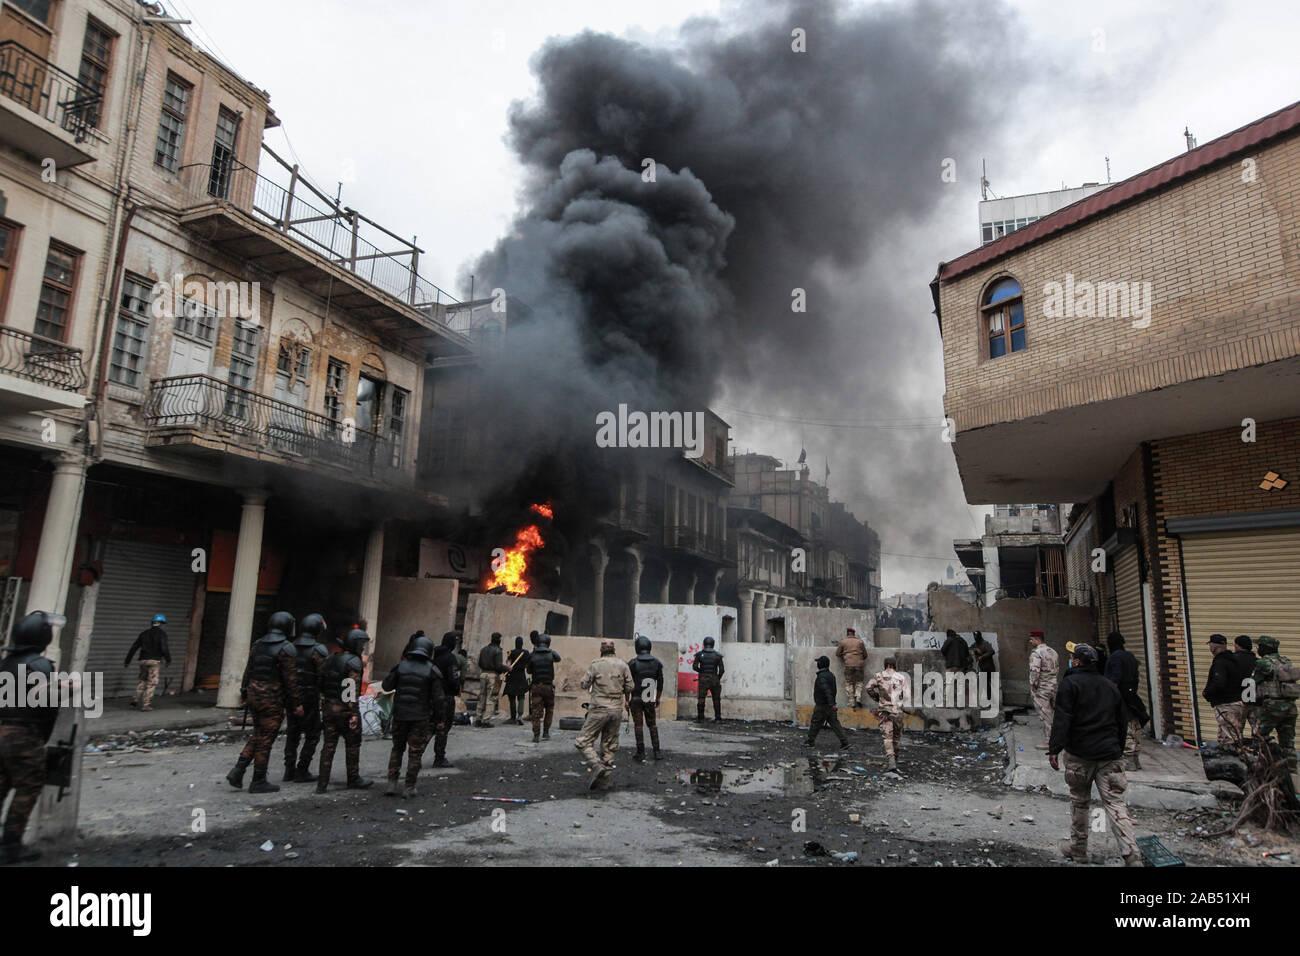 Bagdad, Irak. 25 Nov, 2019. Rauchwolken steigen als Objekte brennen Während der gewalttätigen Auseinandersetzungen zwischen Mitgliedern der irakischen Sicherheitskräfte und regierungsfeindlichen Demonstranten auf Al Rasheed Straße. Credit: Ameer Al Mohammedaw/dpa/Alamy leben Nachrichten Stockfoto